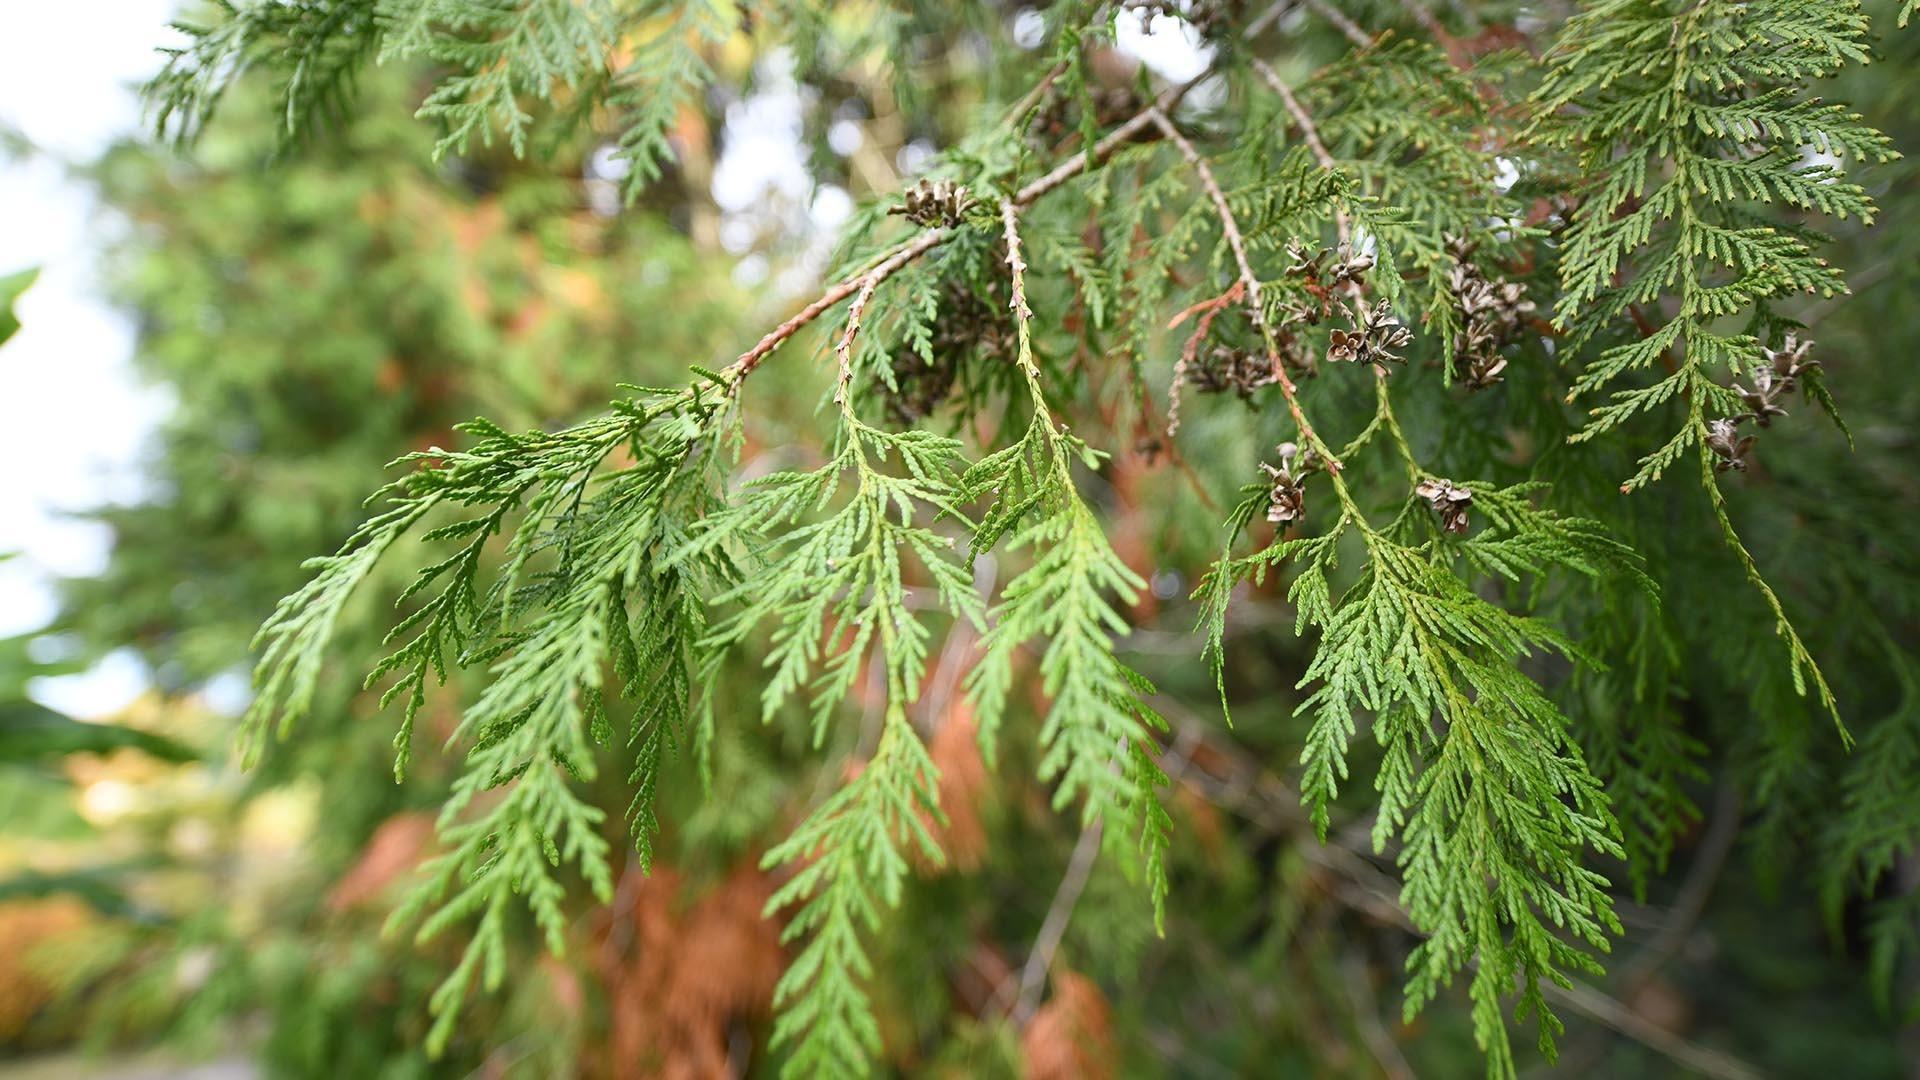 Remarquable ! Le thuya géant d'Amérique : Des rameaux aplatis couverts de feuilles